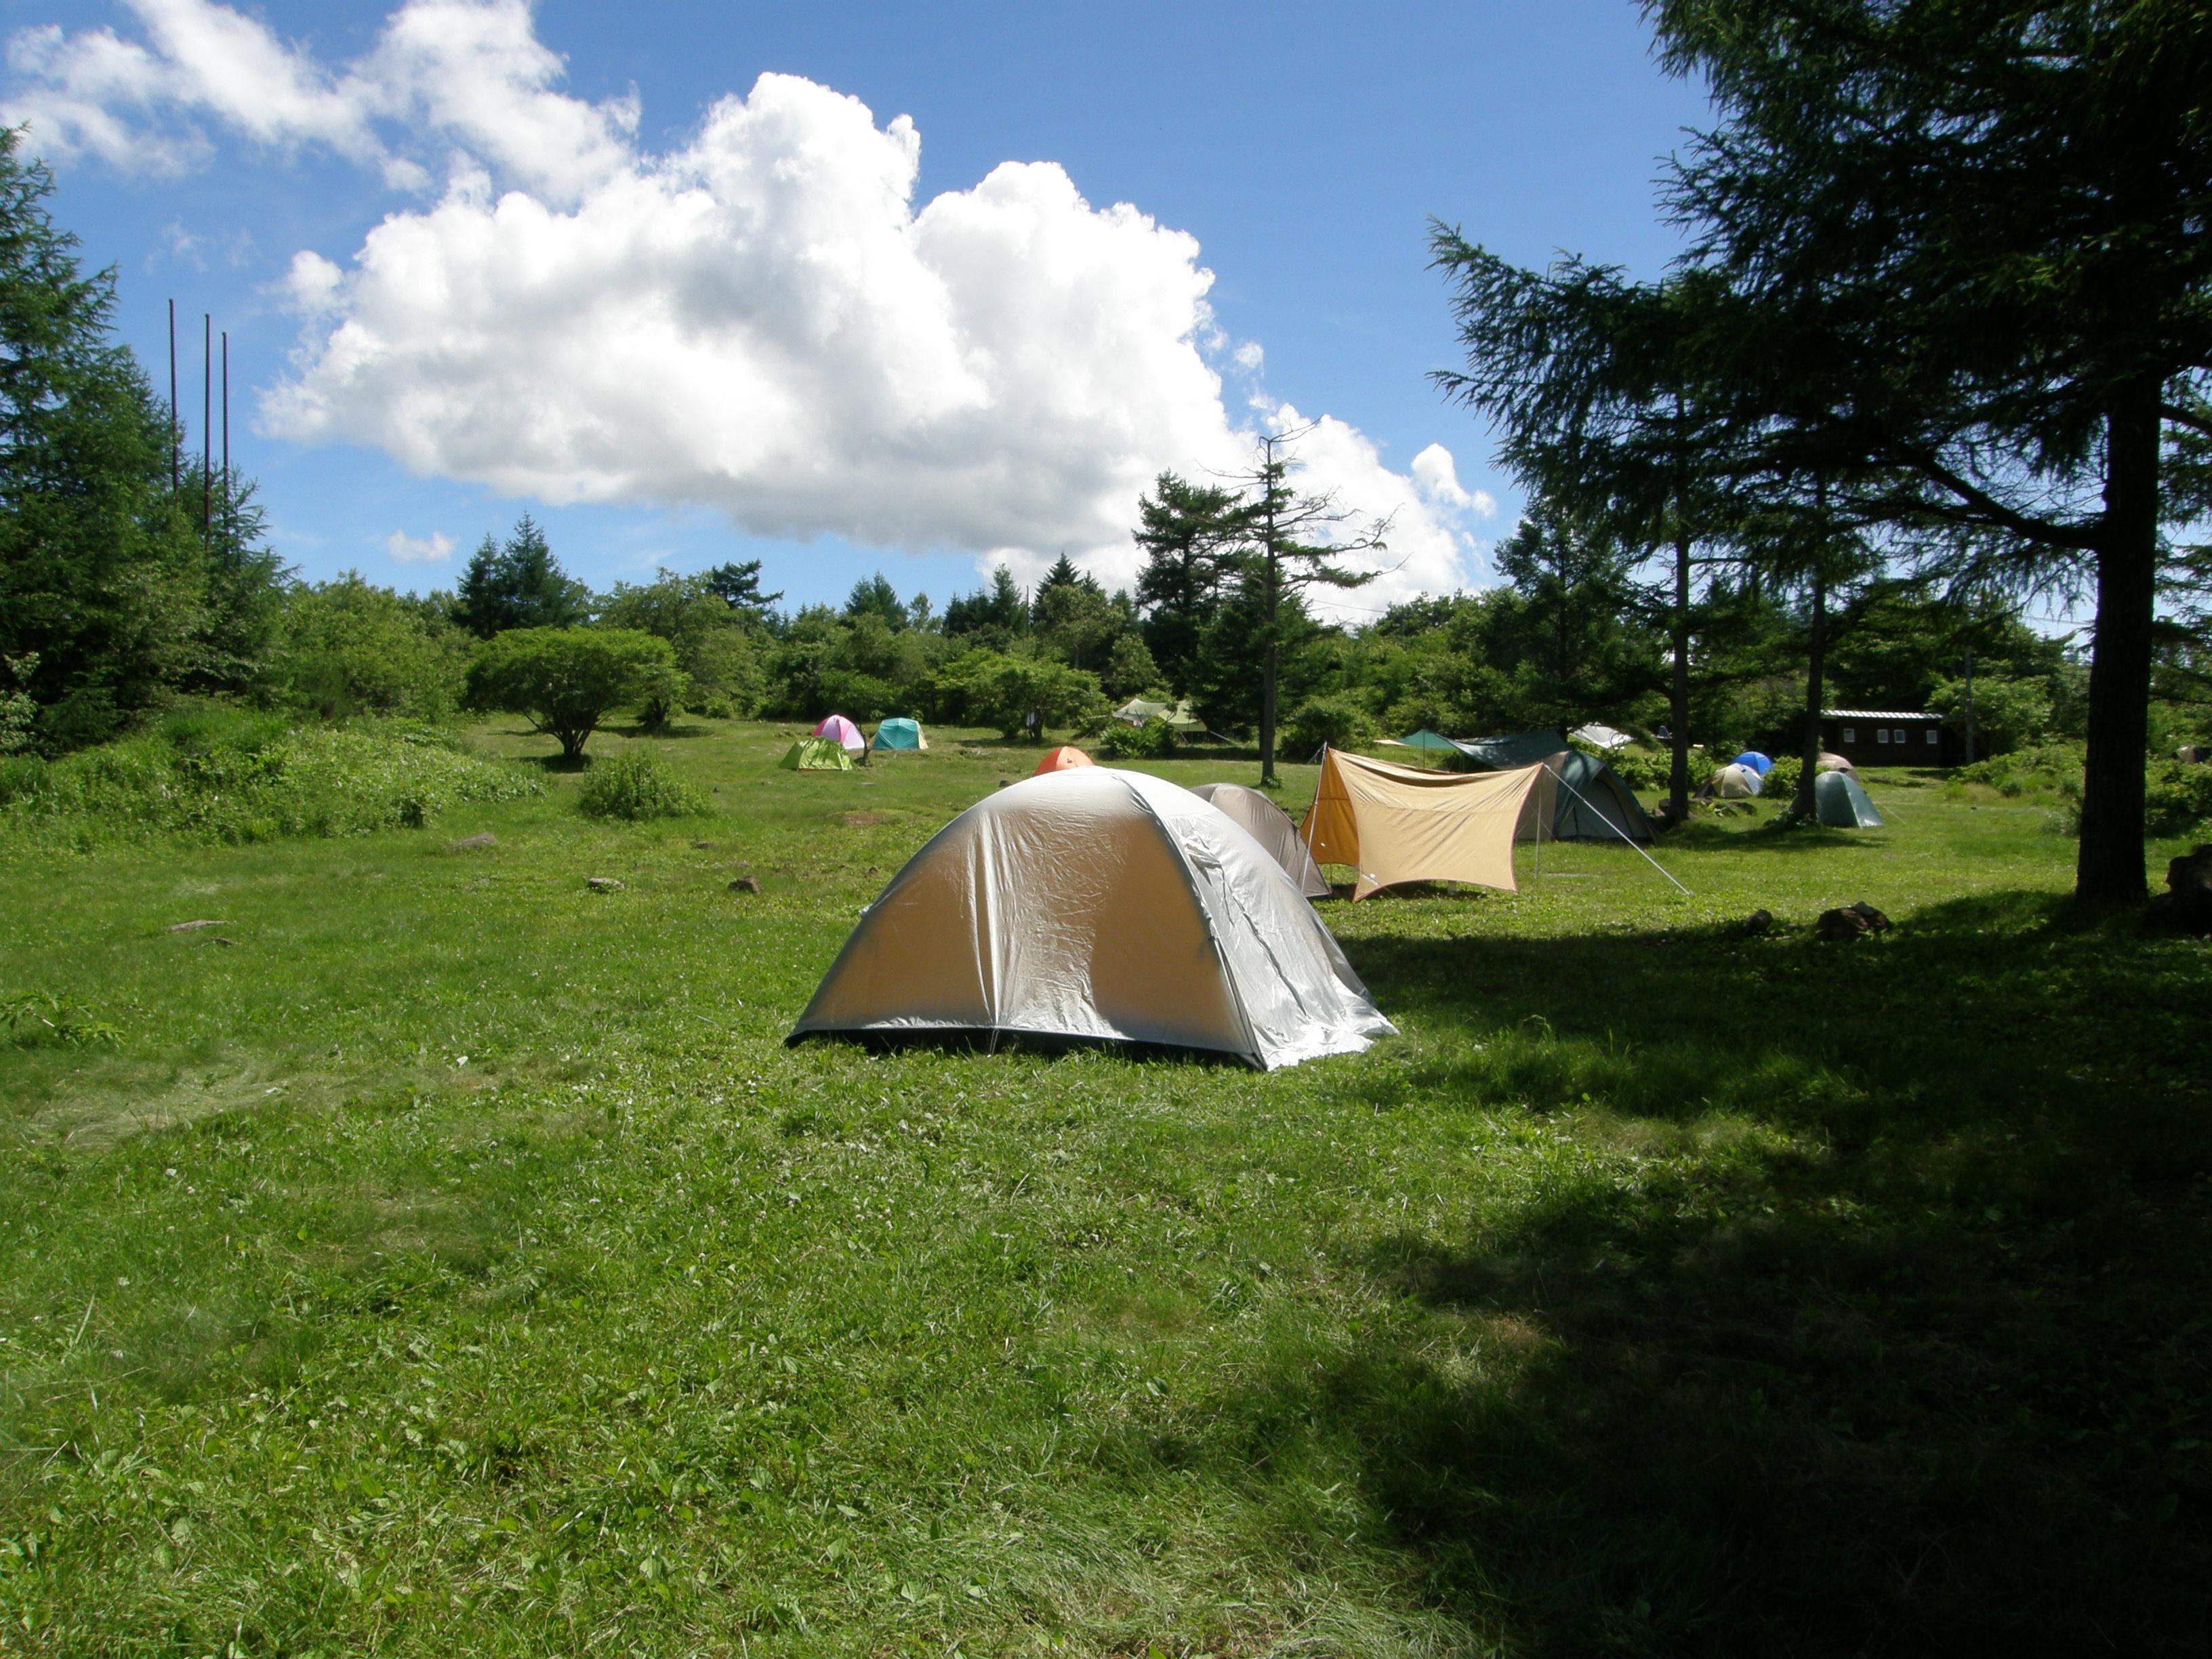 霧ヶ峰キャンプ場の楽しみ方!家族連れも安心の必需品やアクセス情報も紹介